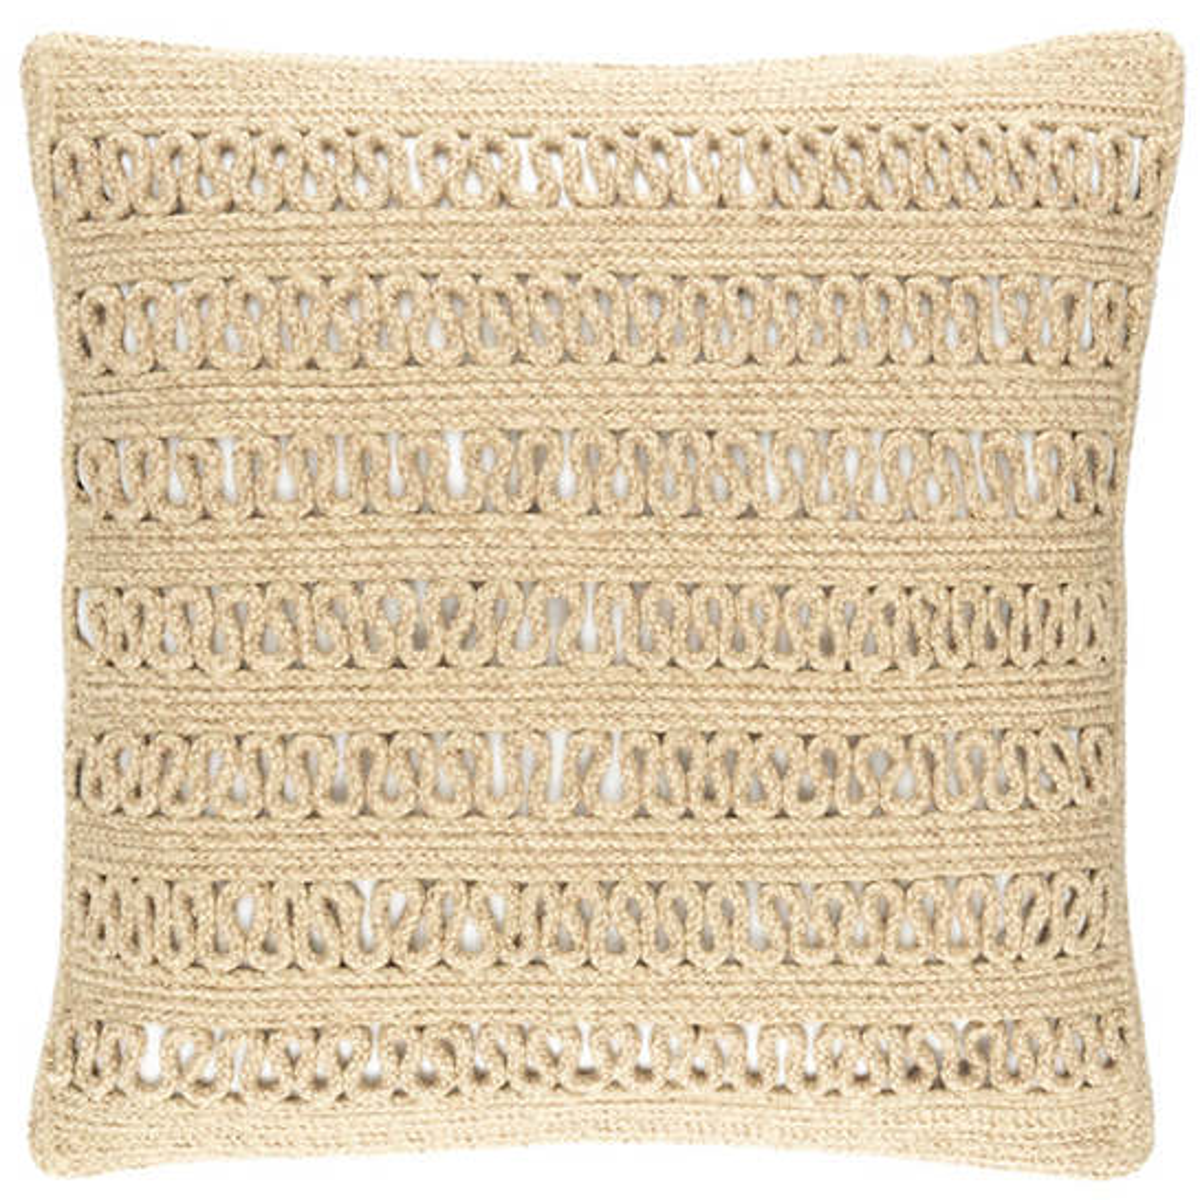 Lanyard Natural Indoor/Outdoor Decorative Pillow